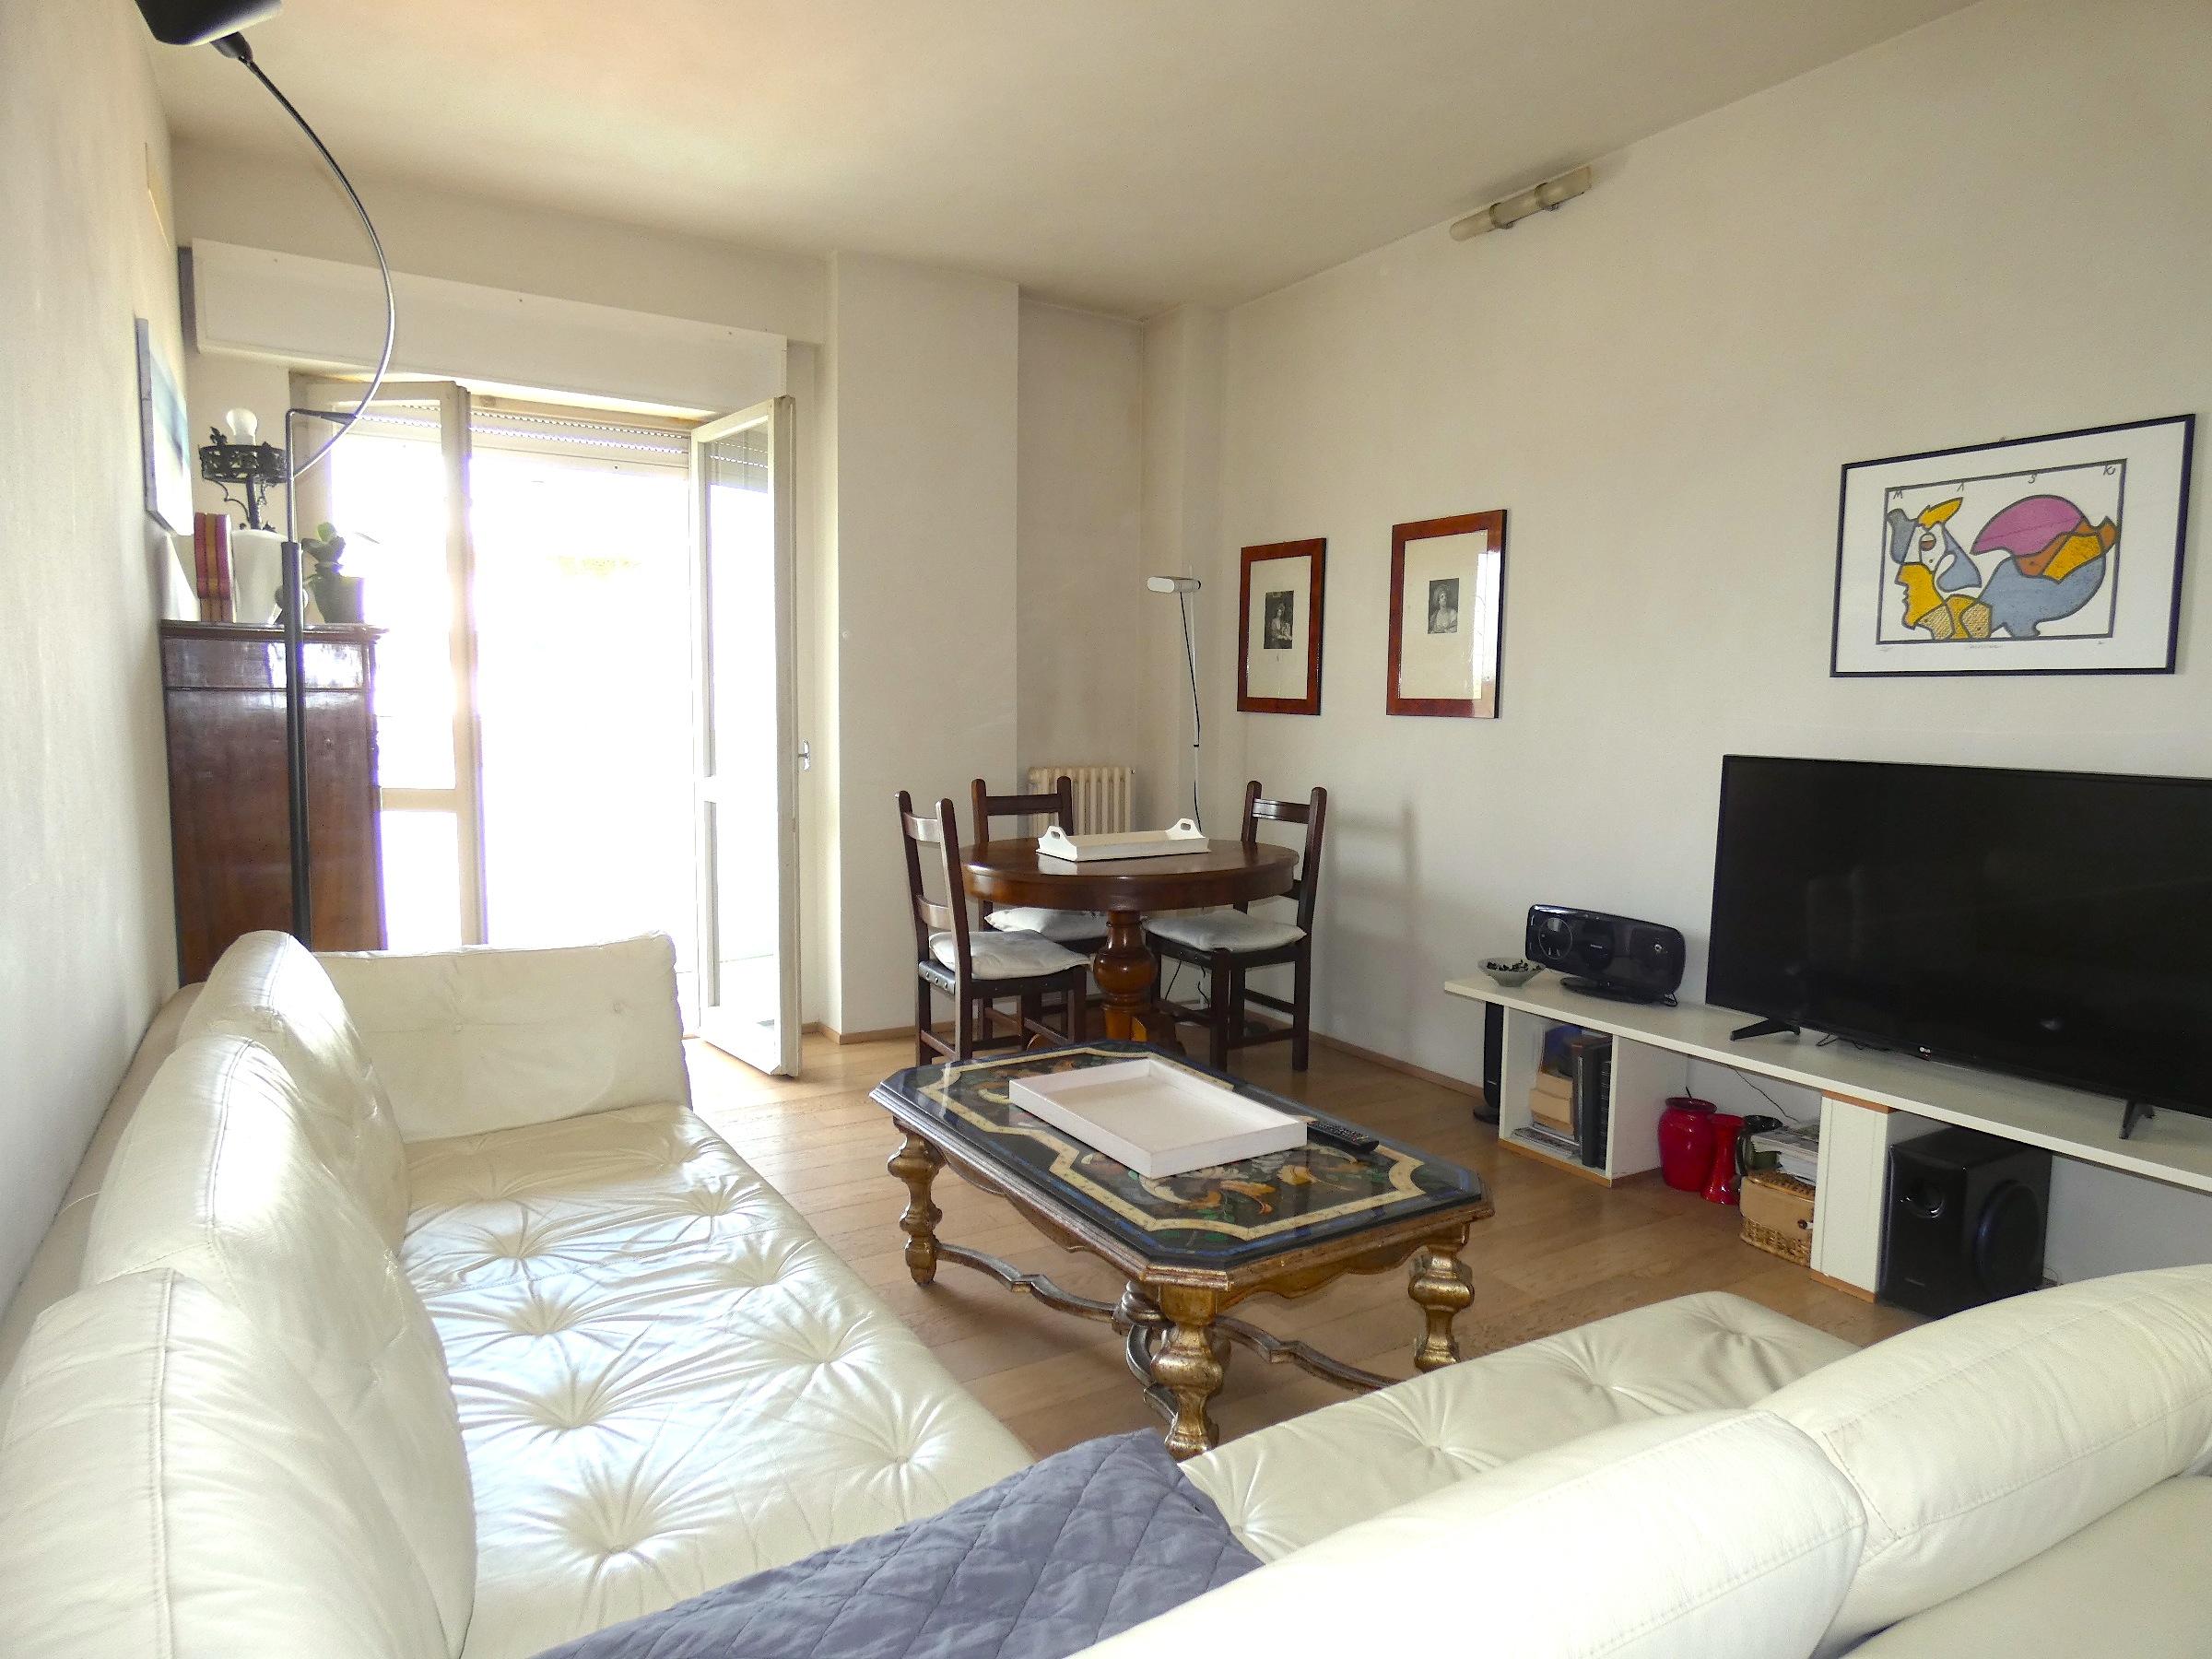 RICCIONE ABISSINIA, Esclusivo appartamento VISTA MARE in vendita